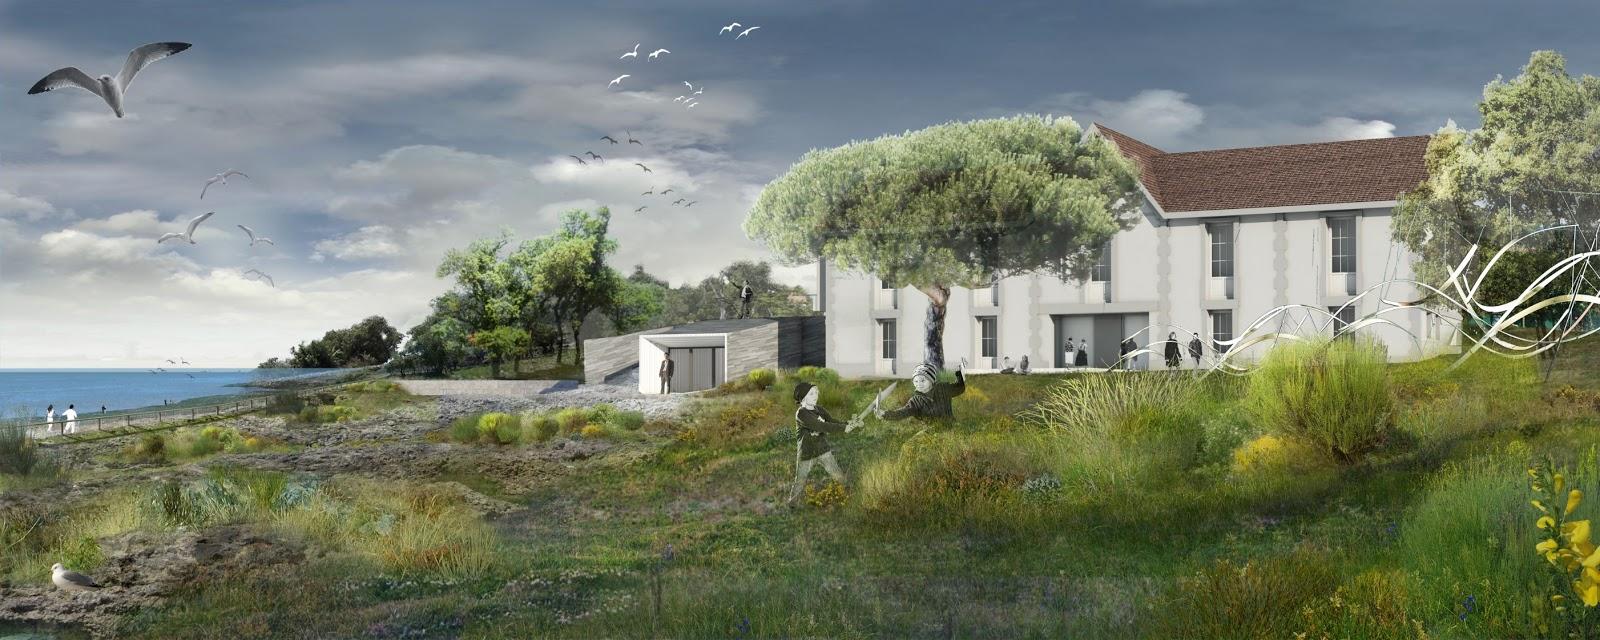 Arc sites architectes du patrimoine centre d 39 art for Architecte du patrimoine